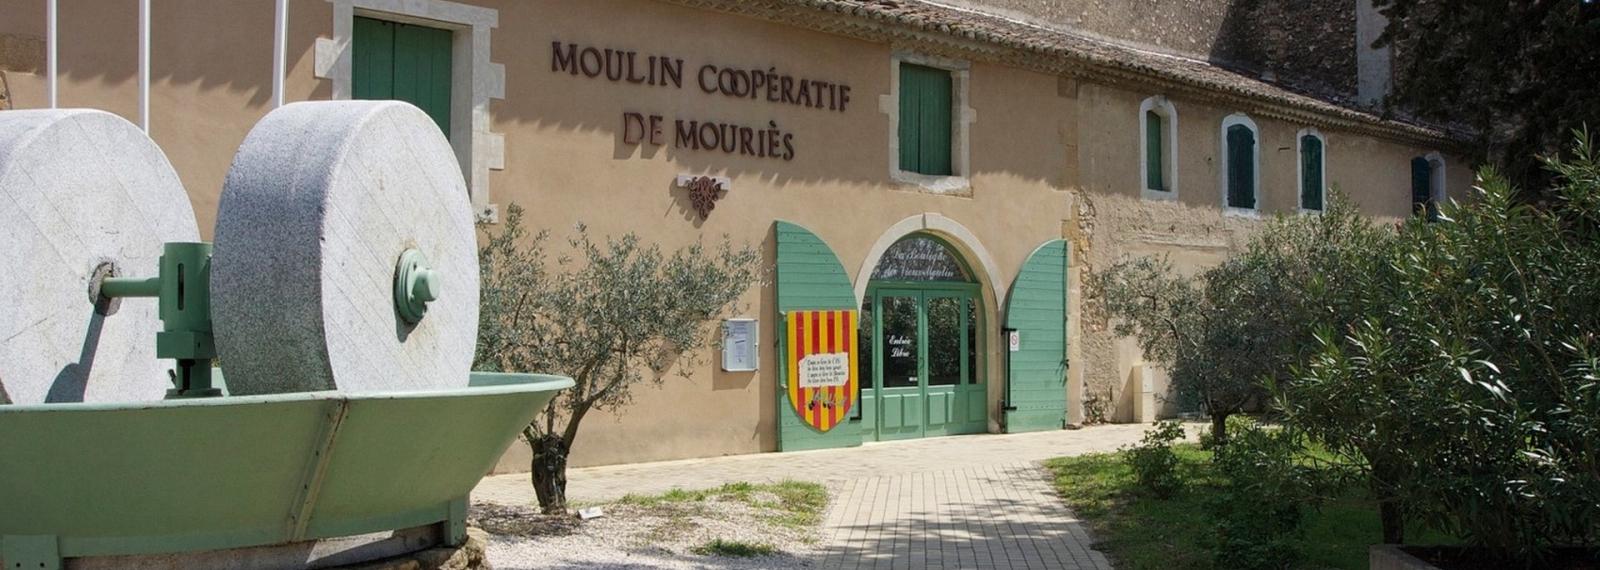 Moulin Coopératif de Mouriès